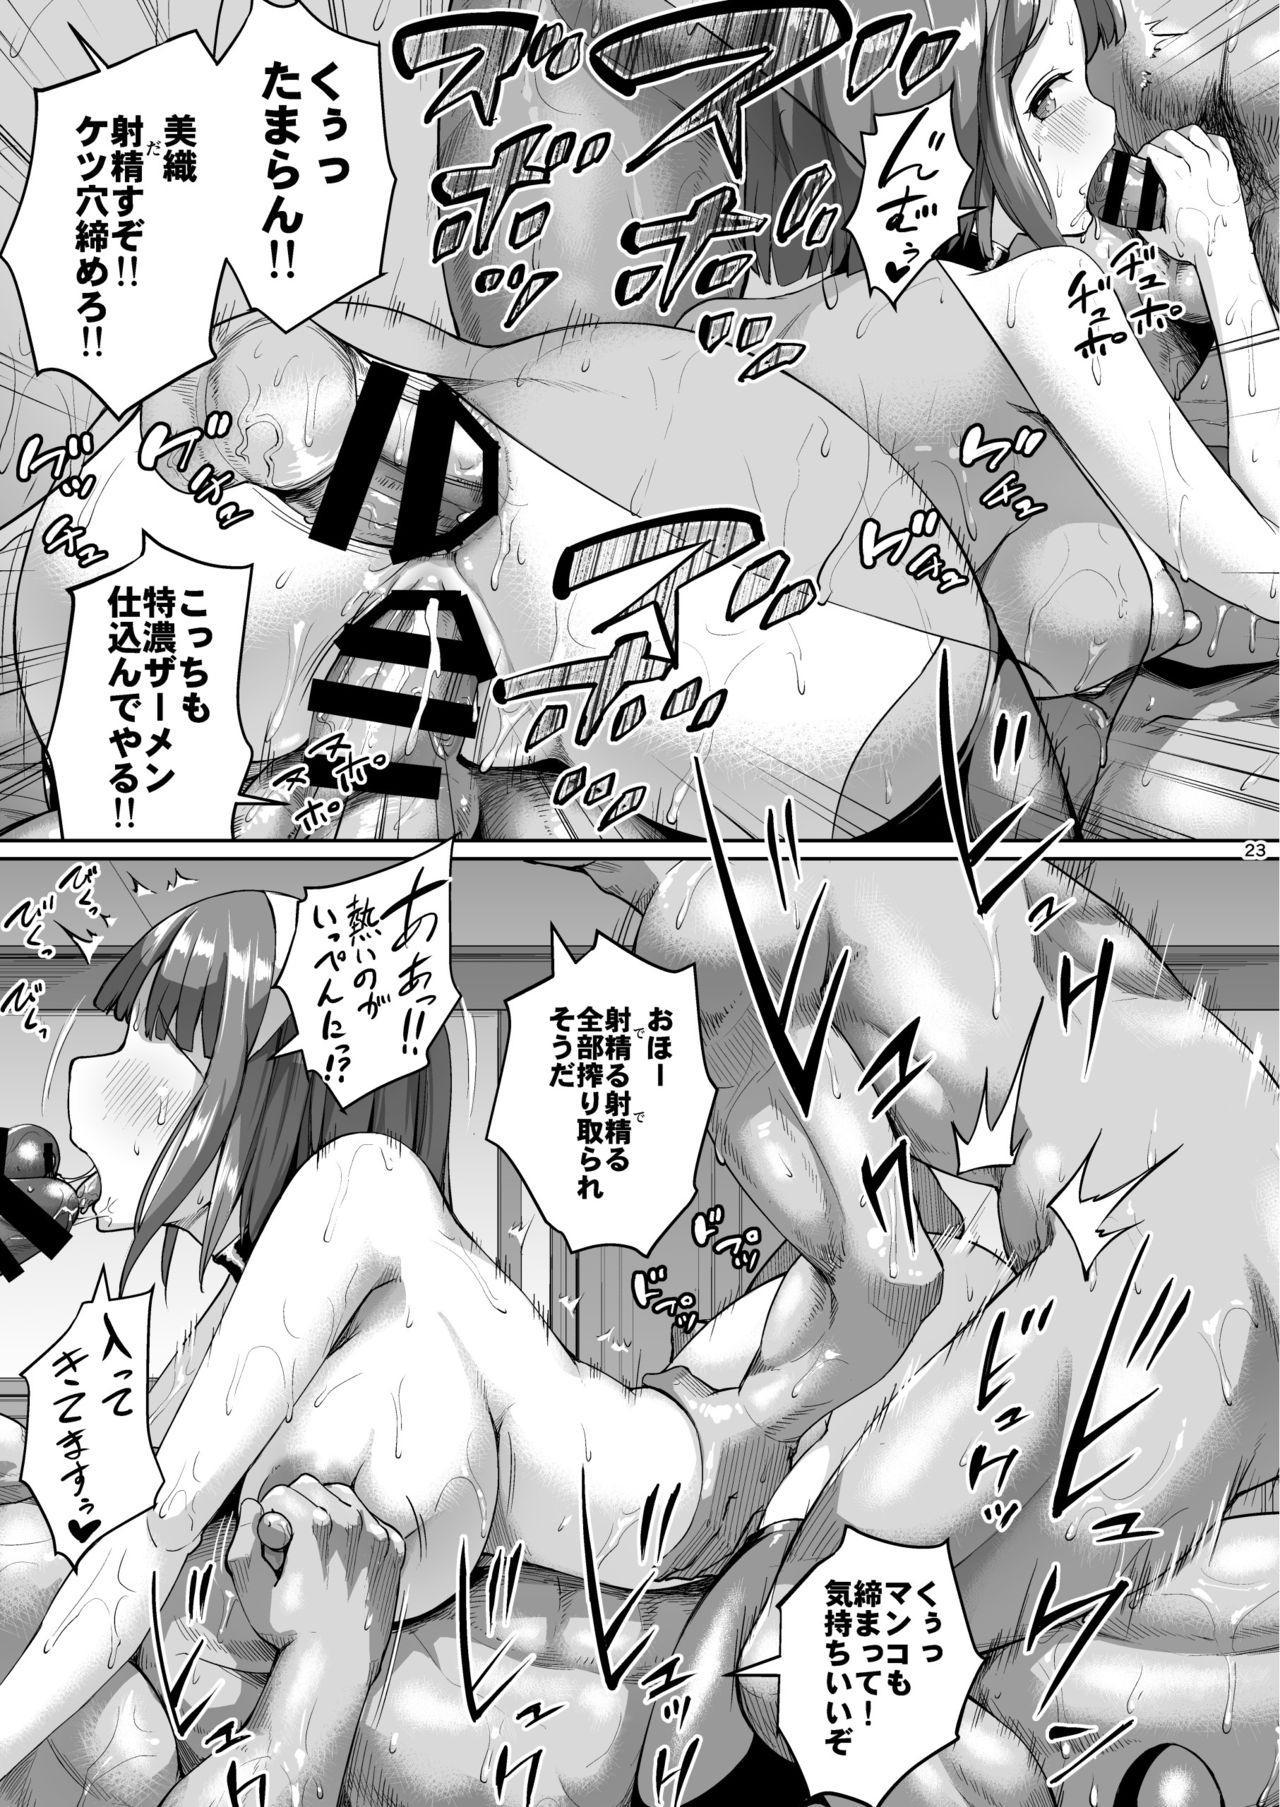 Oyashiki no Hi 2 22